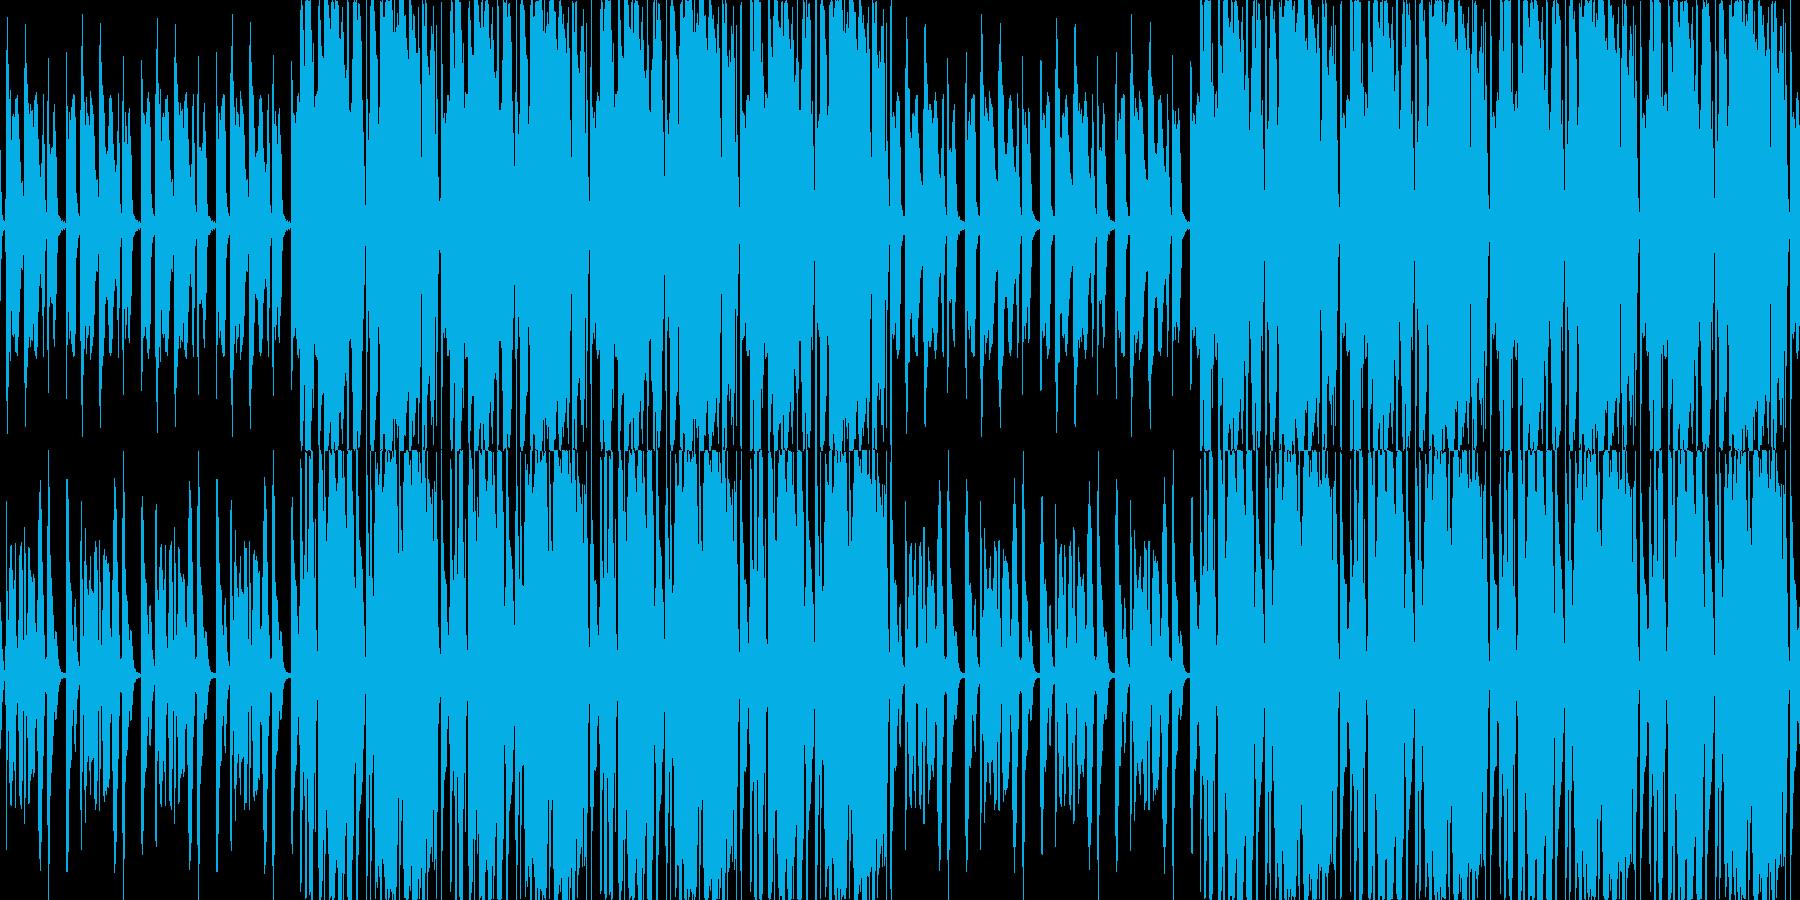 【レゲエ/ロック/ピアノ/ミドルテンポ】の再生済みの波形